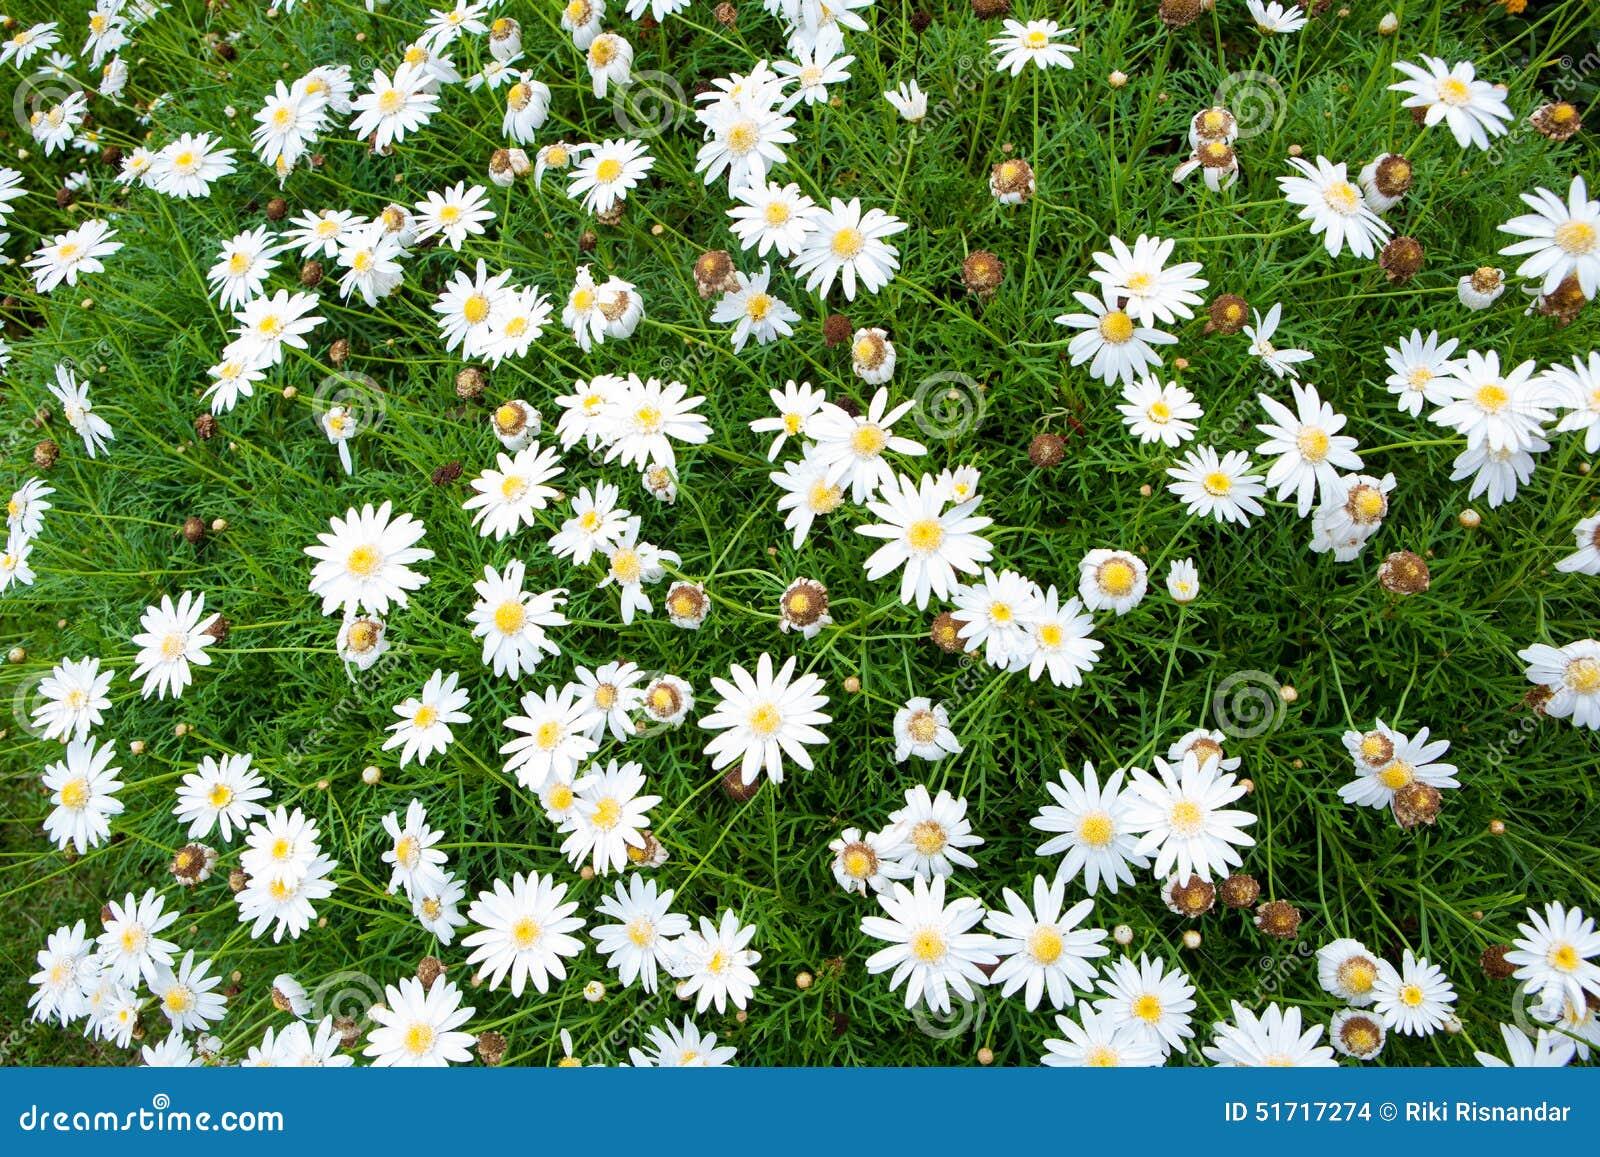 Piccoli Fiori Bianchi Della Natura Per Fondo Fotografia Stock - Immagine: 517...